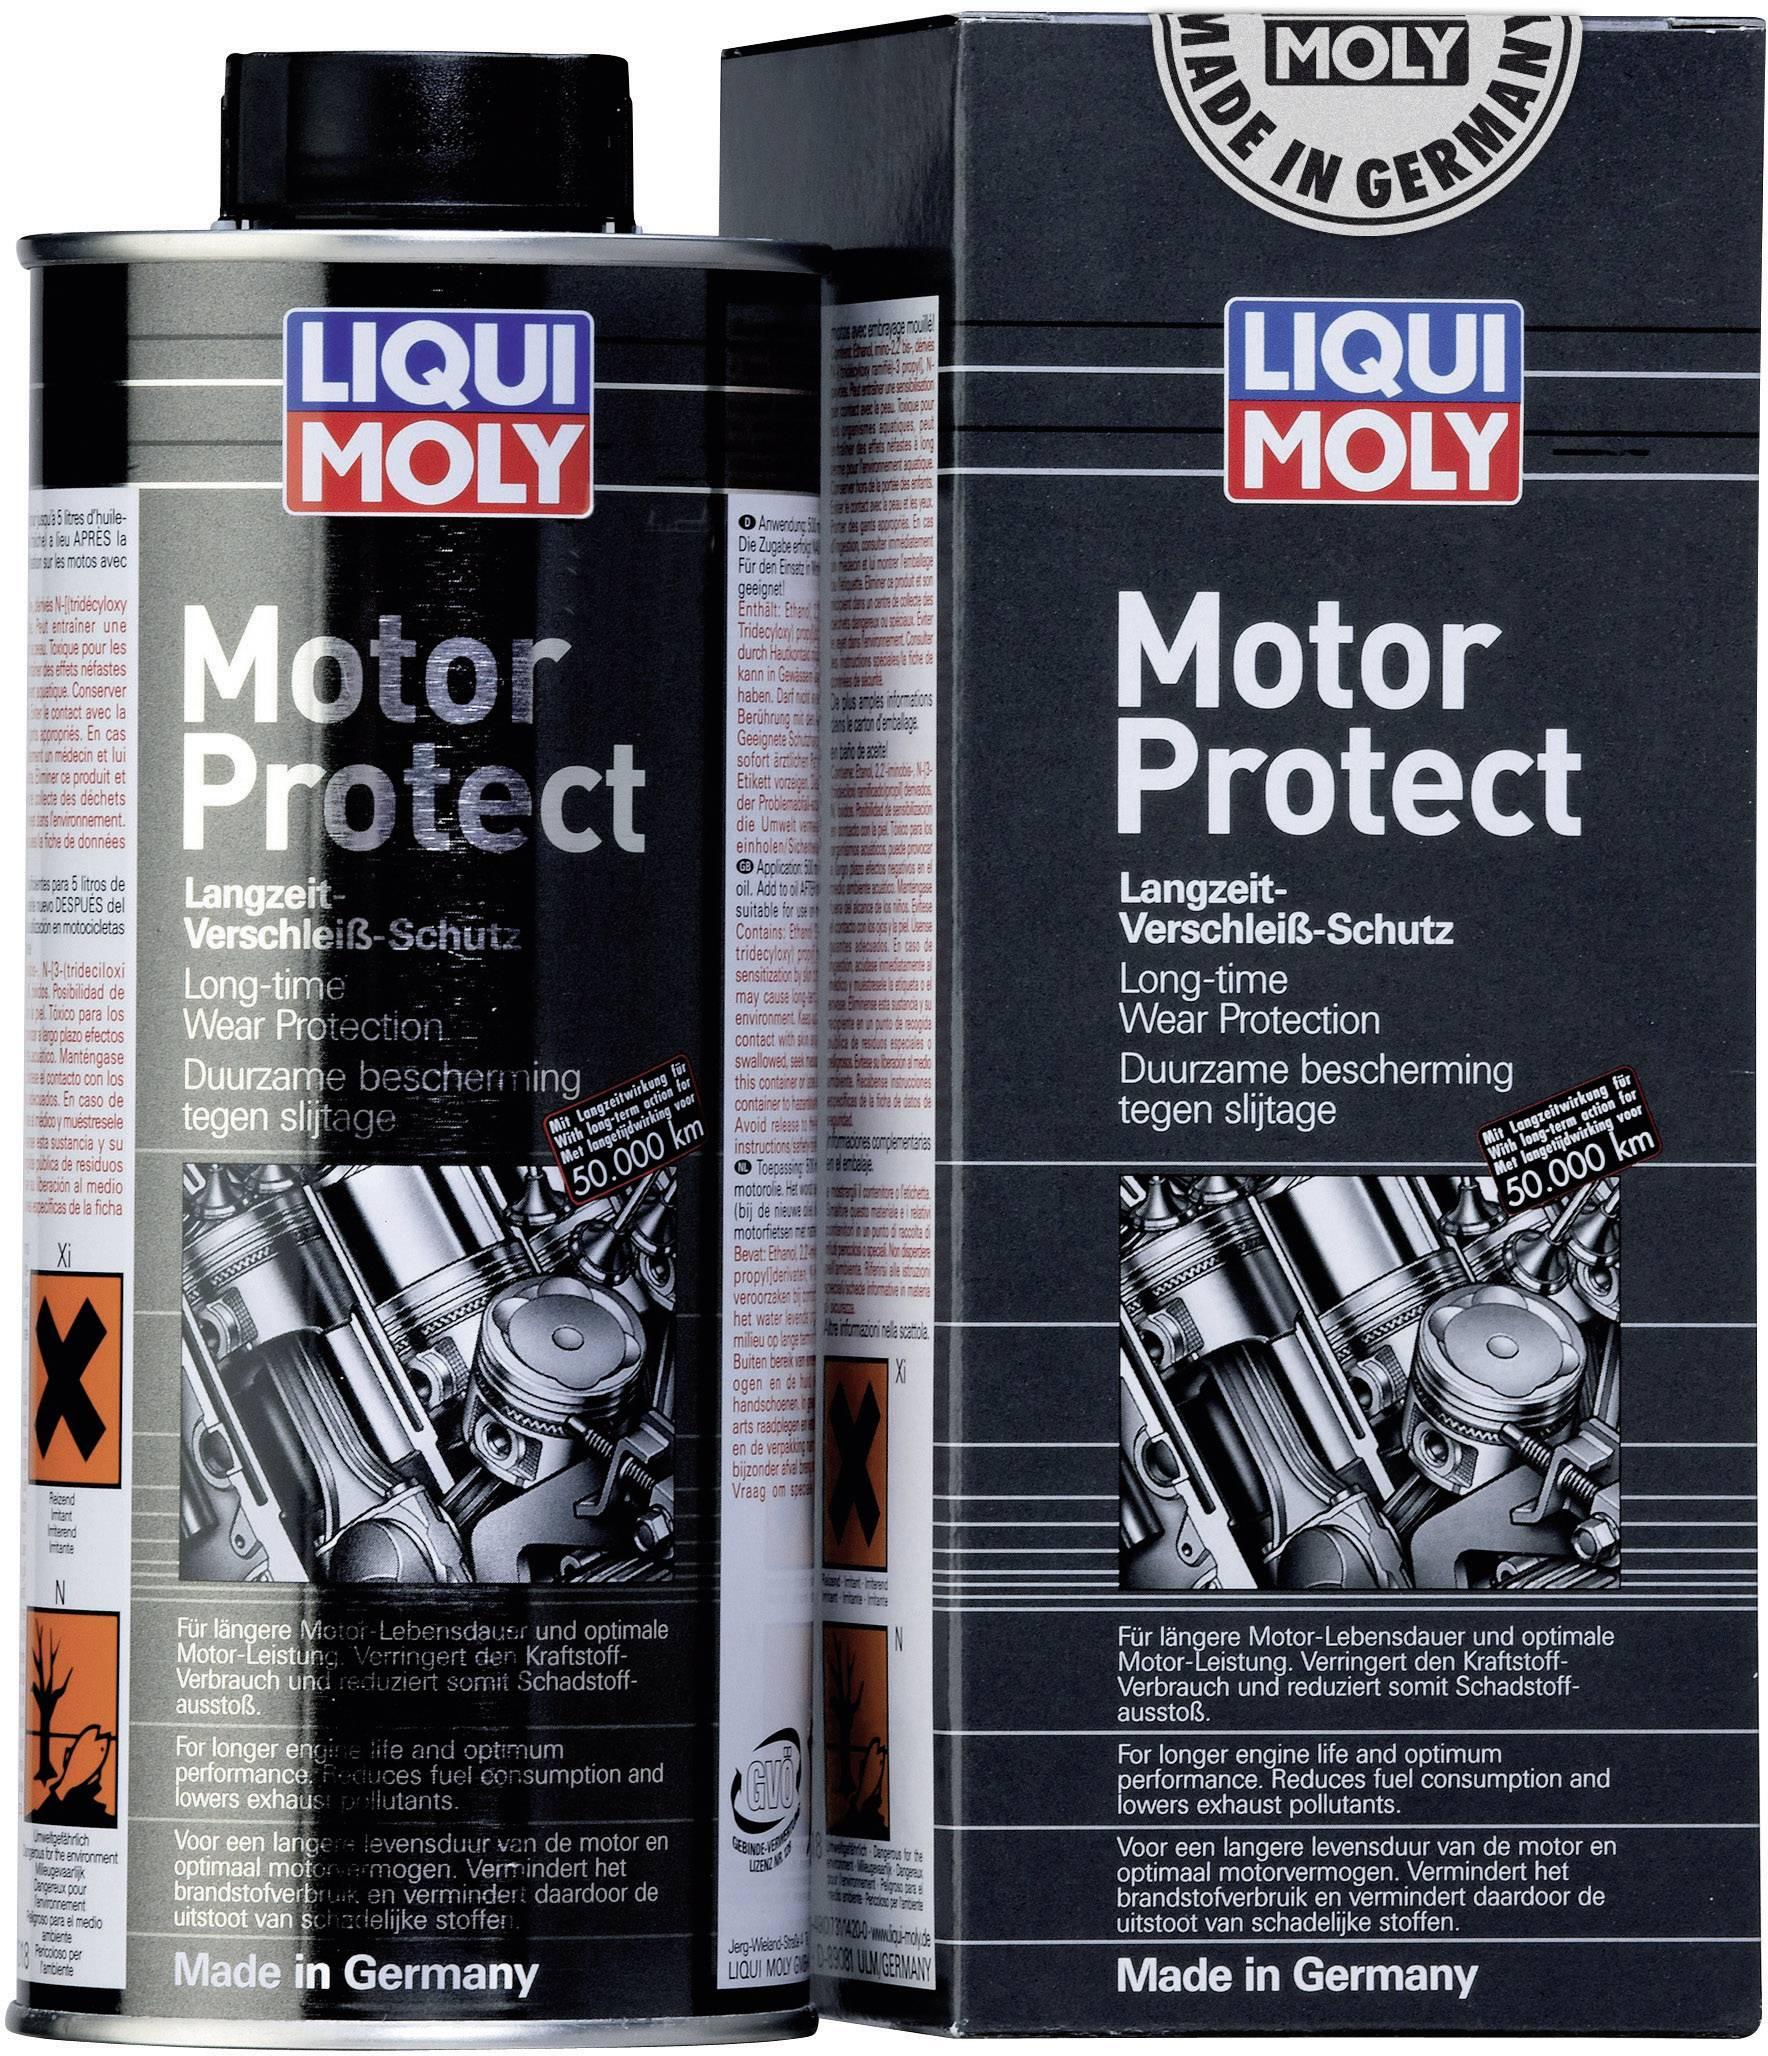 MotorProtect Liqui Moly 1018 5